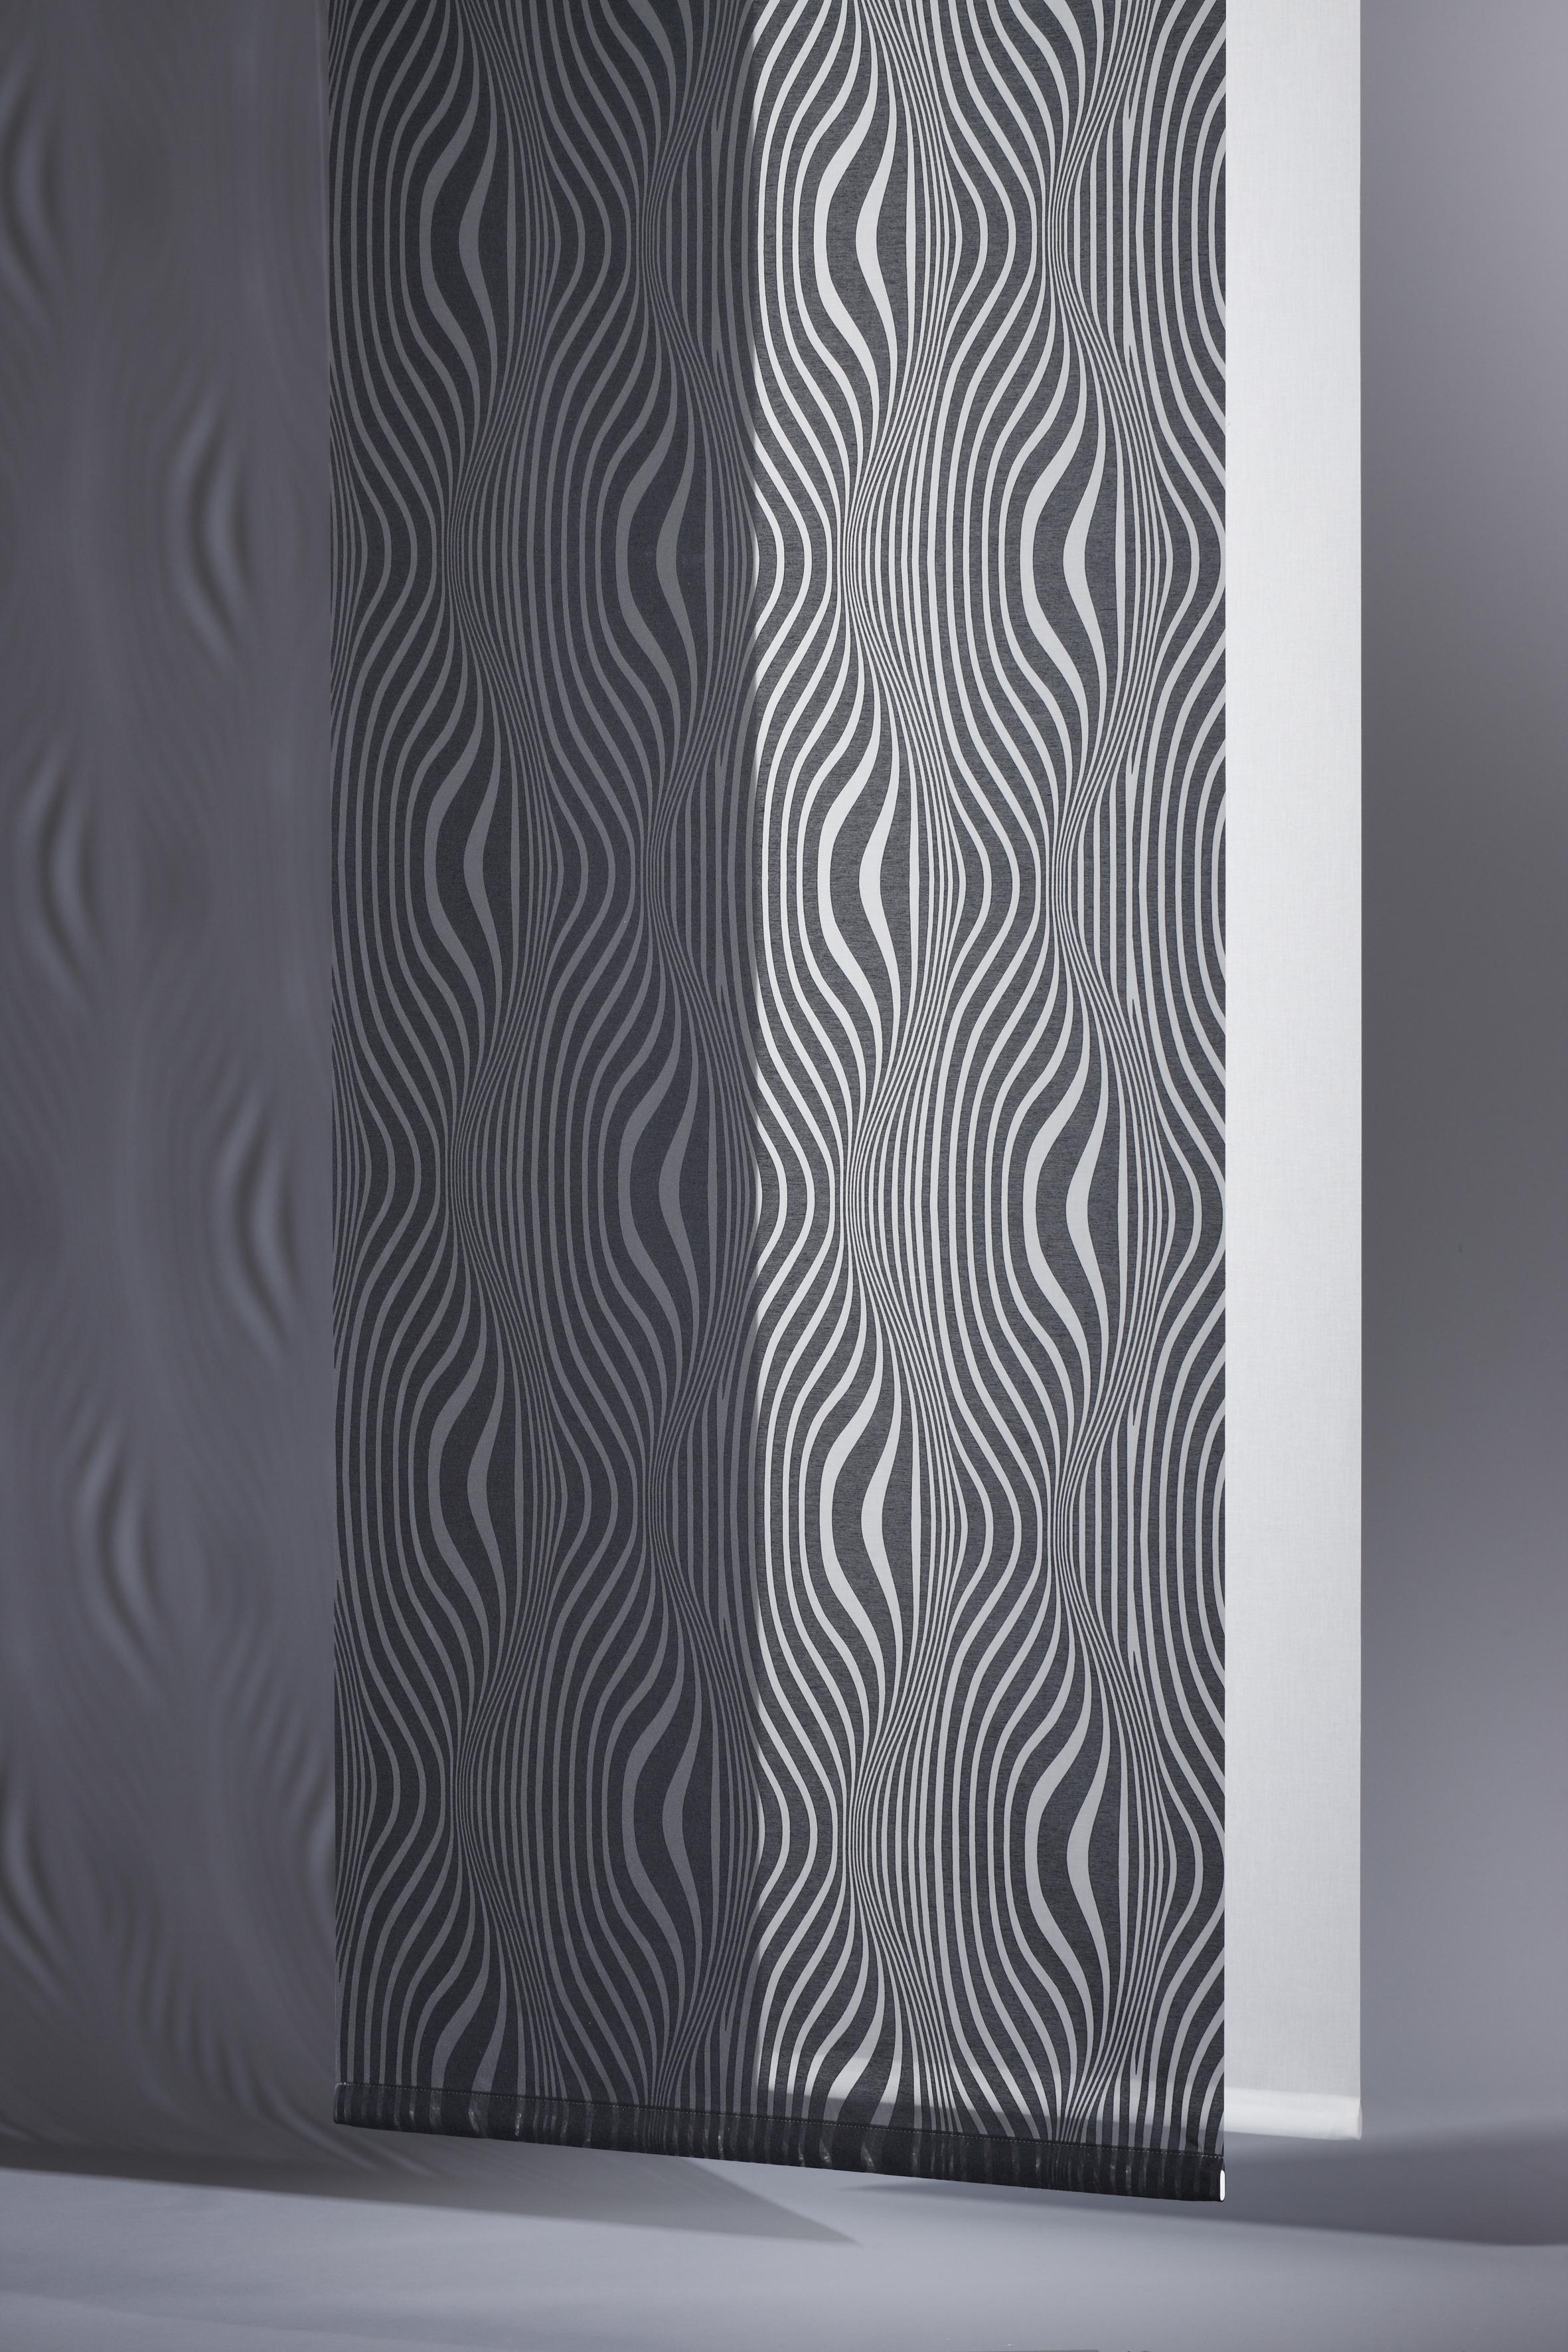 schiebevorh nge stoffdepot. Black Bedroom Furniture Sets. Home Design Ideas